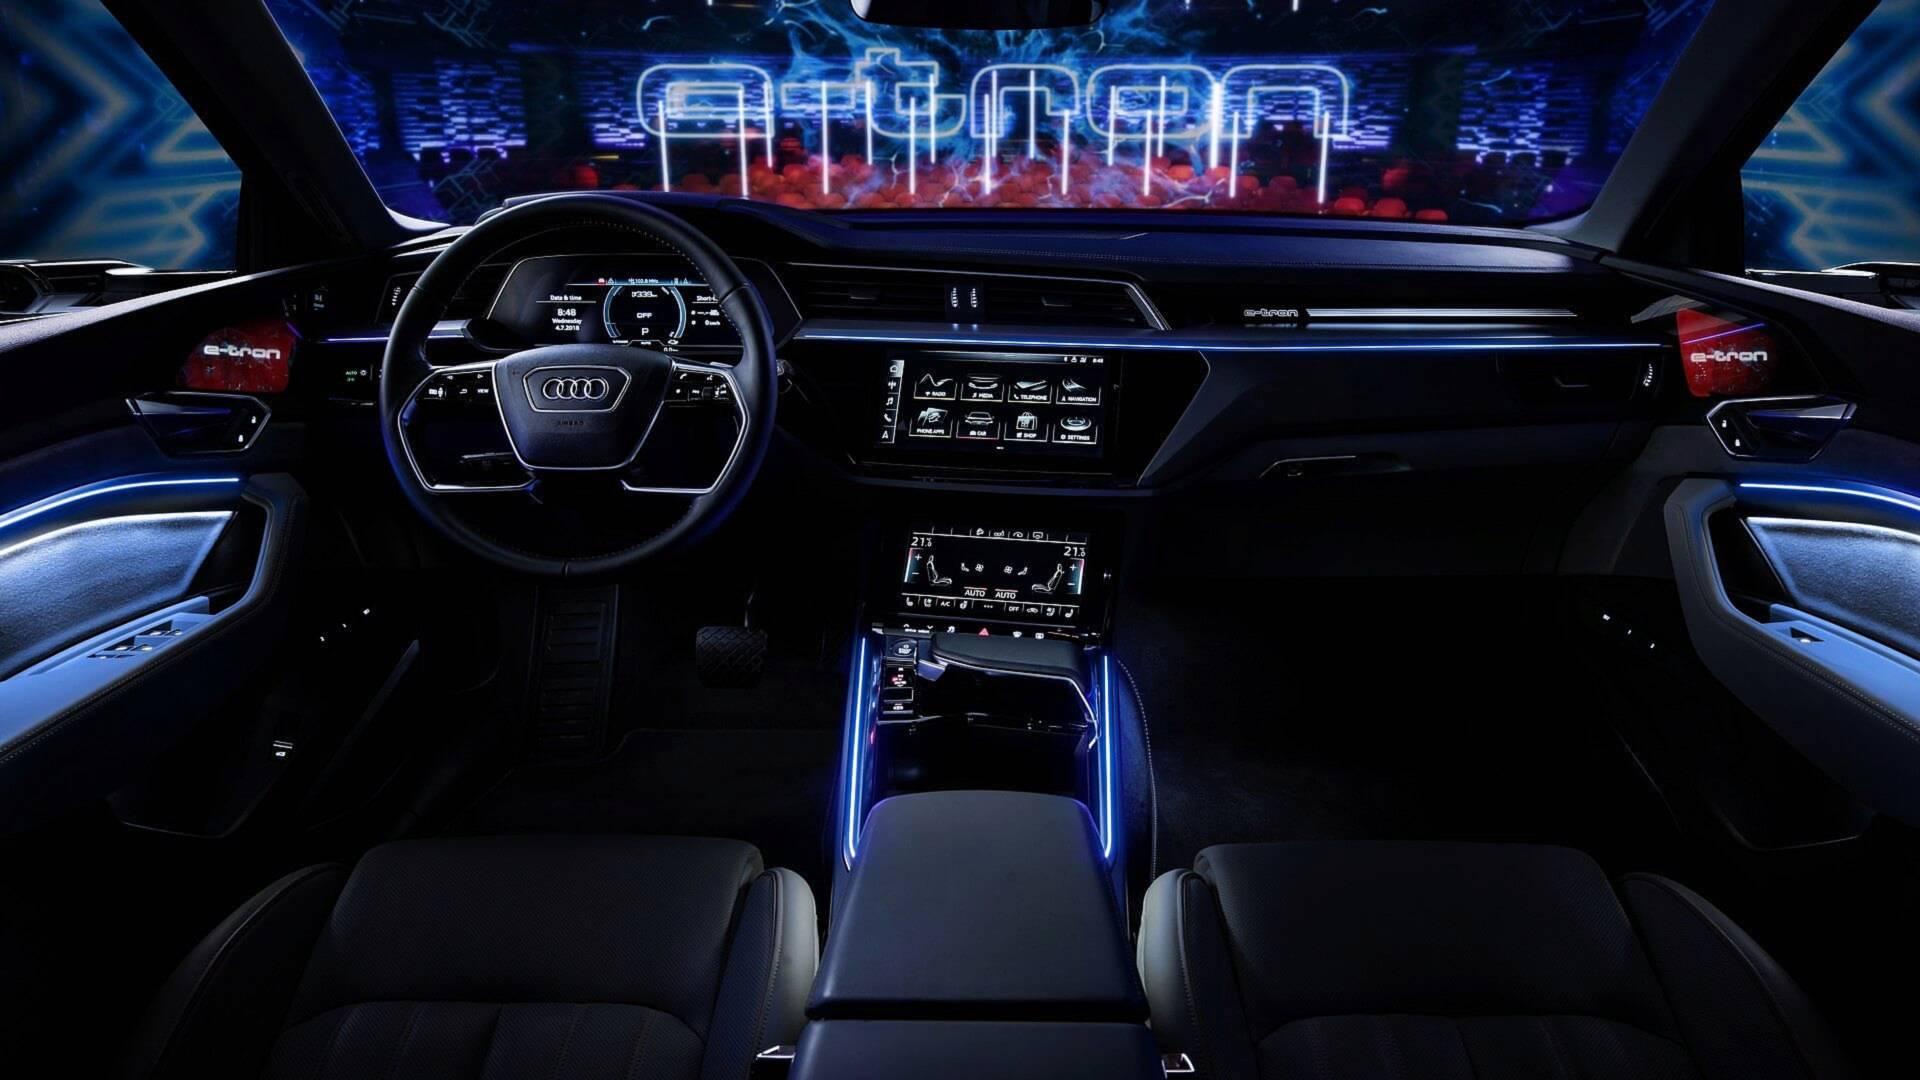 Audi Q9 2018 >> 2019 Audi e-tron Electric SUV Shows Interior Design in Official Photo Gallery - autoevolution